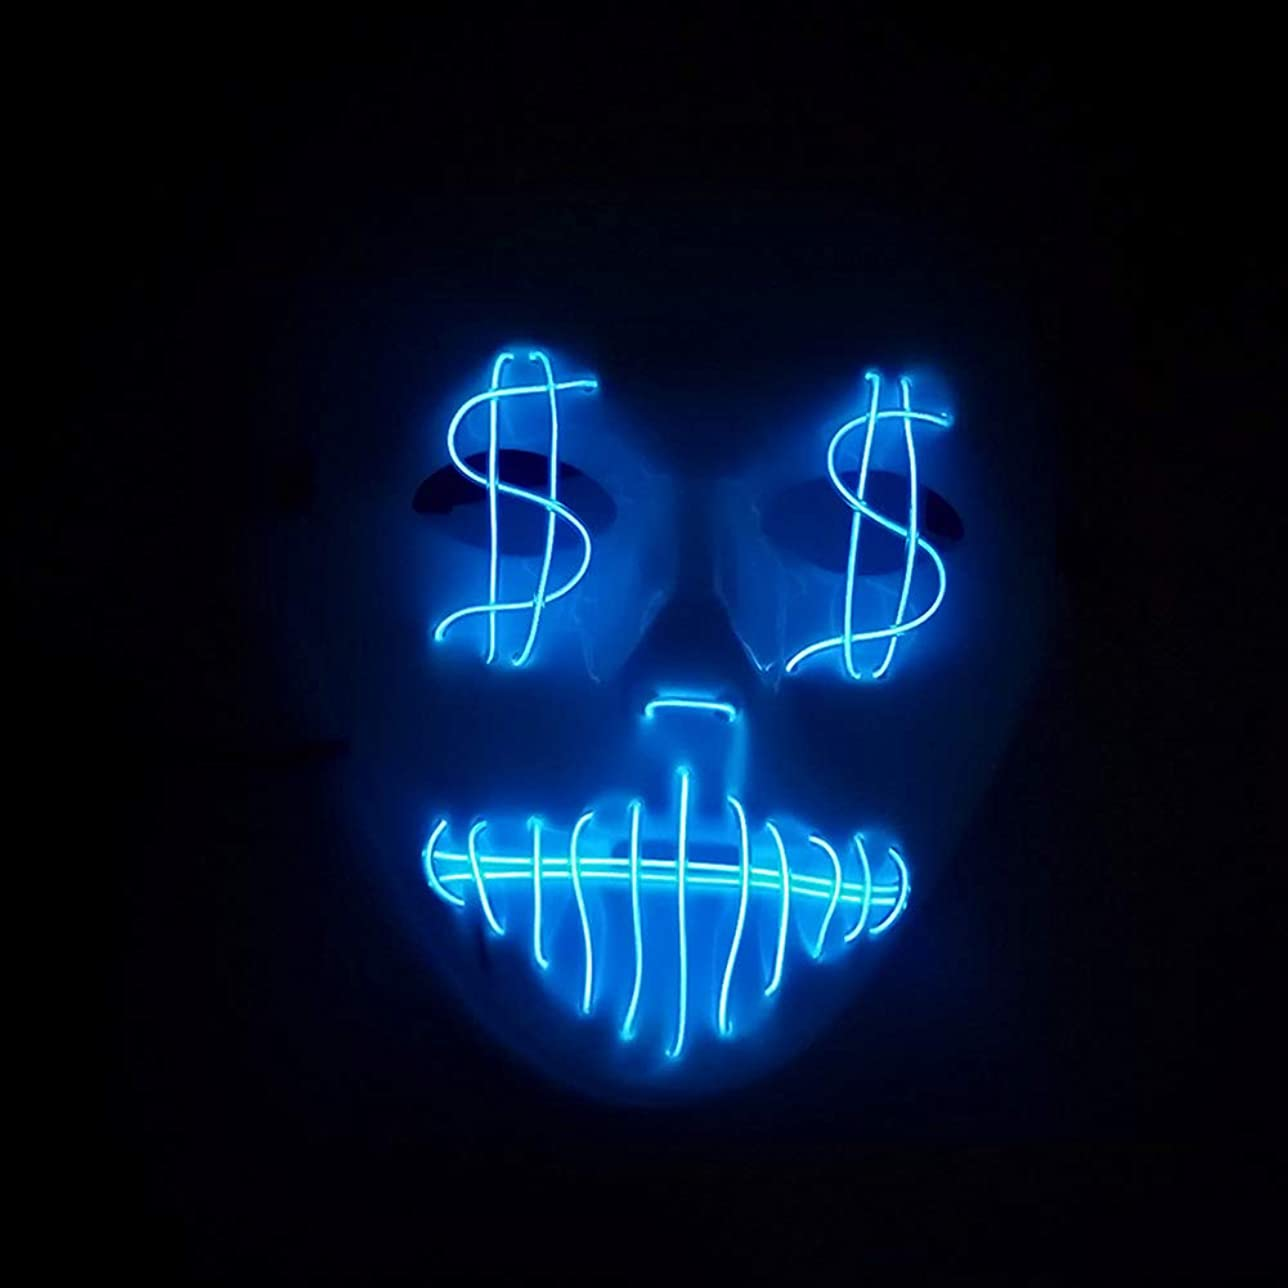 失業者トラフ血まみれテロ イルミネーション LED マスク 2個 ハロウィン EL ワイヤー ゴールドライン 口を絞る プロム パーティー マスク (18 * 18 * 9センチメートル) MAG.AL